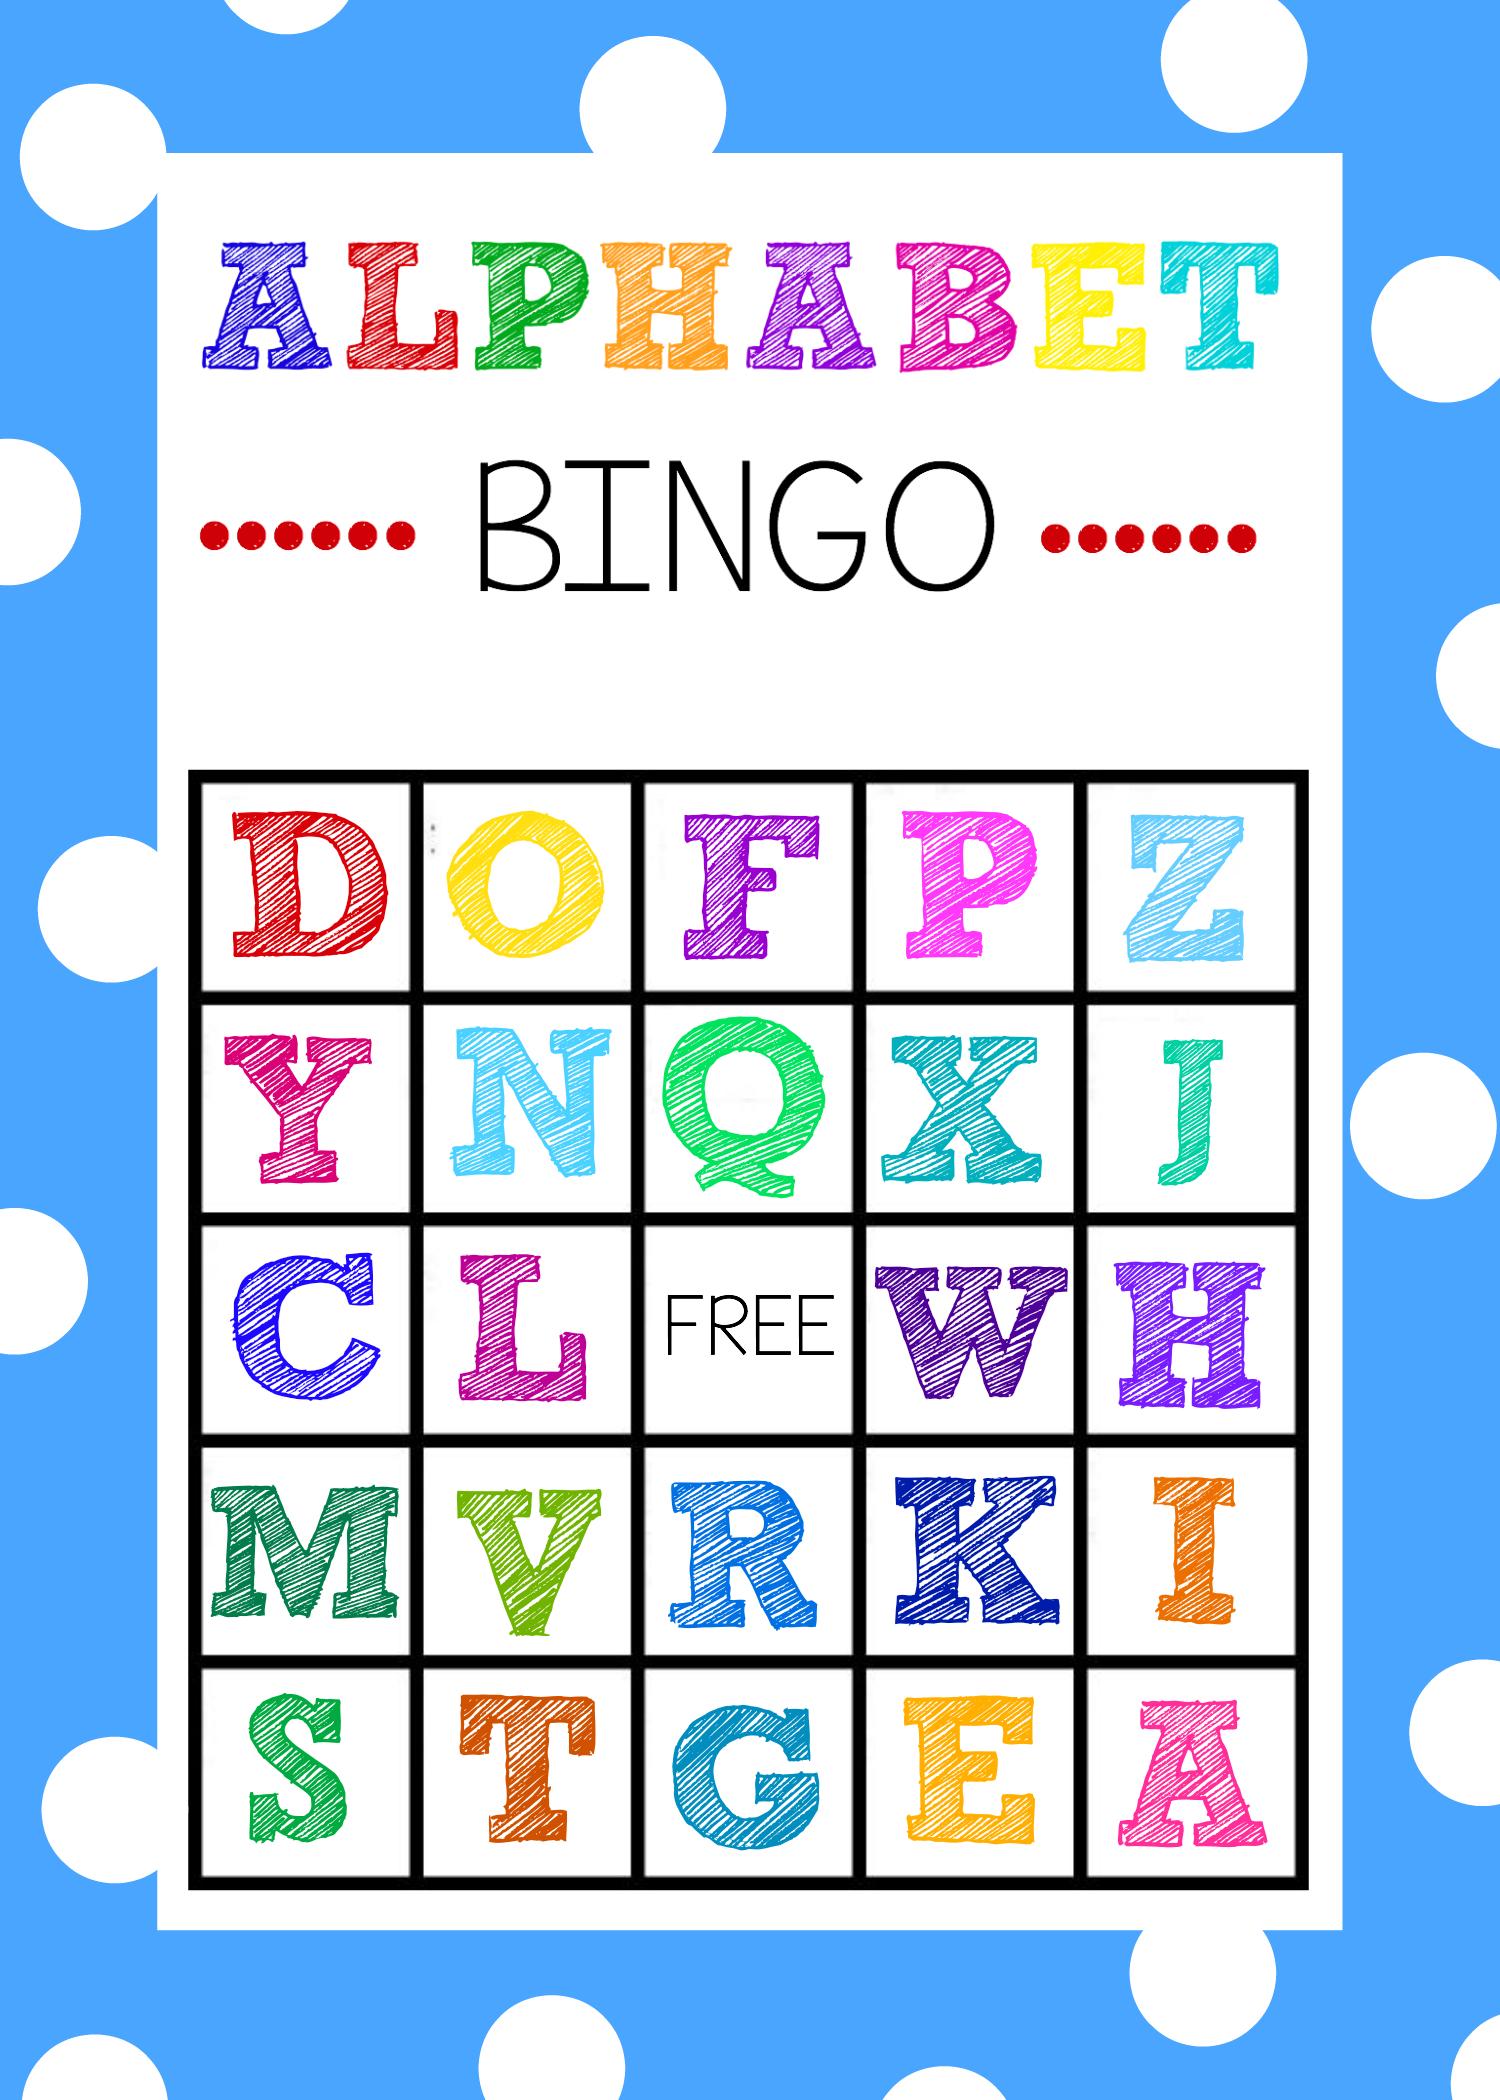 Free Printable Alphabet Bingo Game - Free Printable Bingo Games